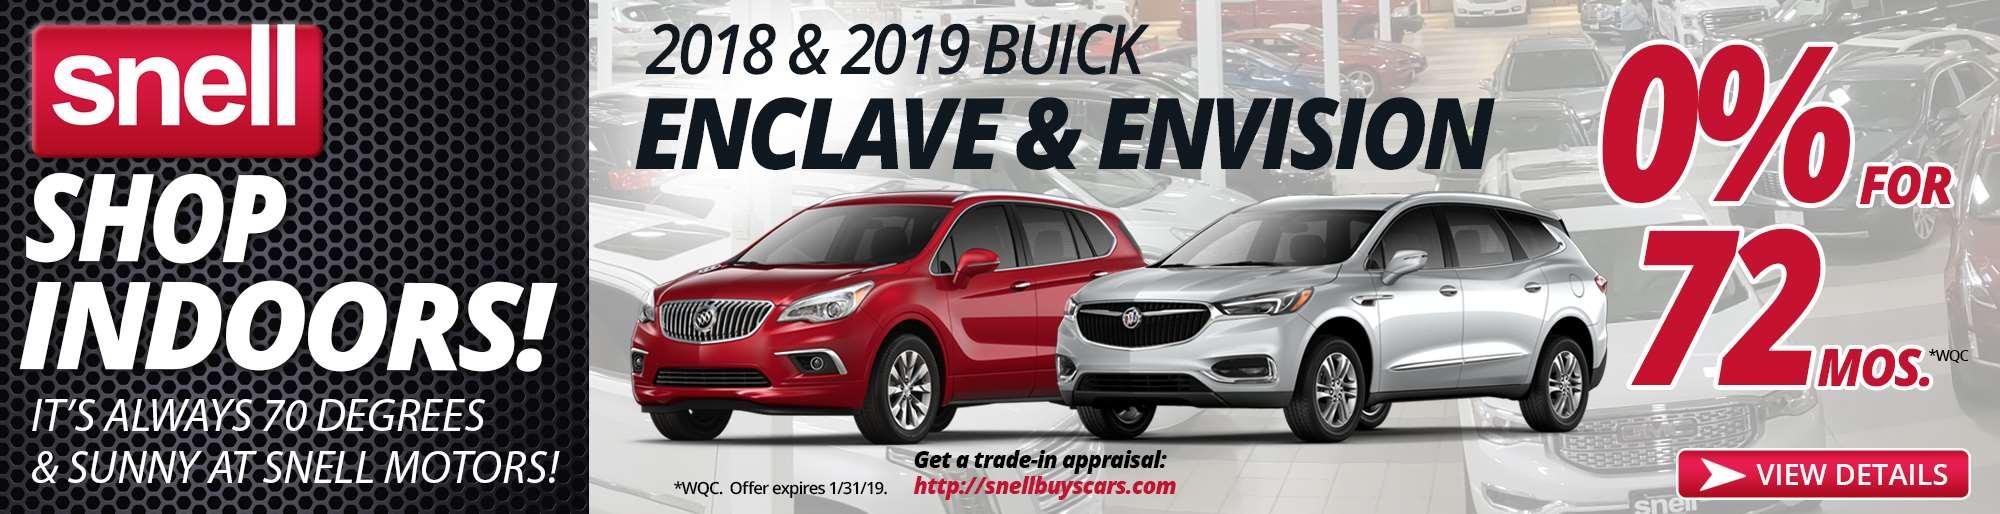 2018 2019 Buick Enclave Envision